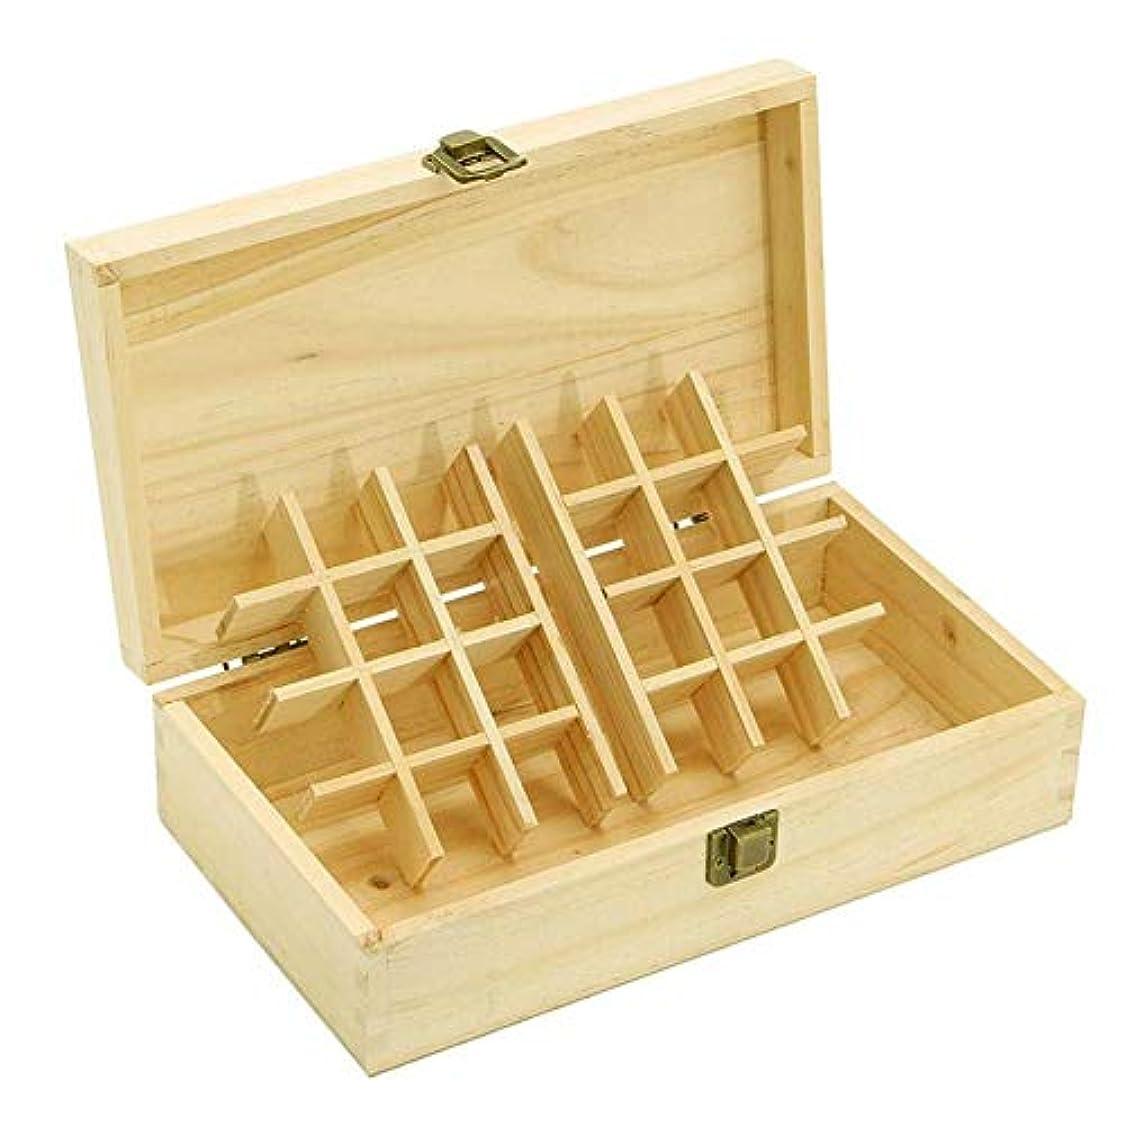 十億不確実伝記エッセンシャルオイル収納ボックス 純木の精油の収納箱 香水収納ケース アロマオイル収納ボックス